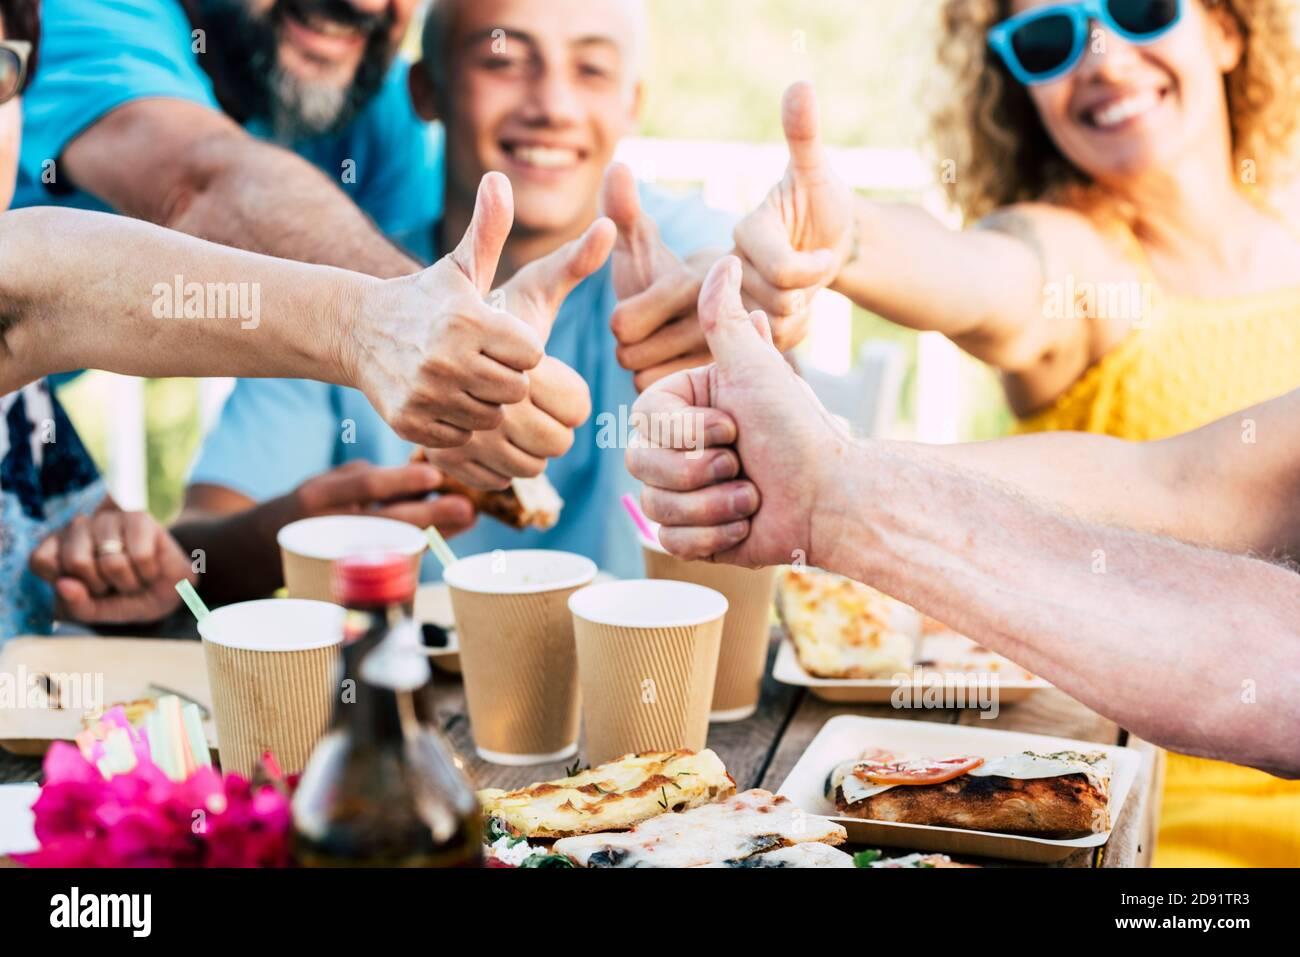 Gruppenfamilie kaukasischen Menschen feiern zusammen mit Spaß und genießen Essen und Getränke -. Geburtstagsparty close up mit Zoll nach oben und lacht in backgr Stockfoto